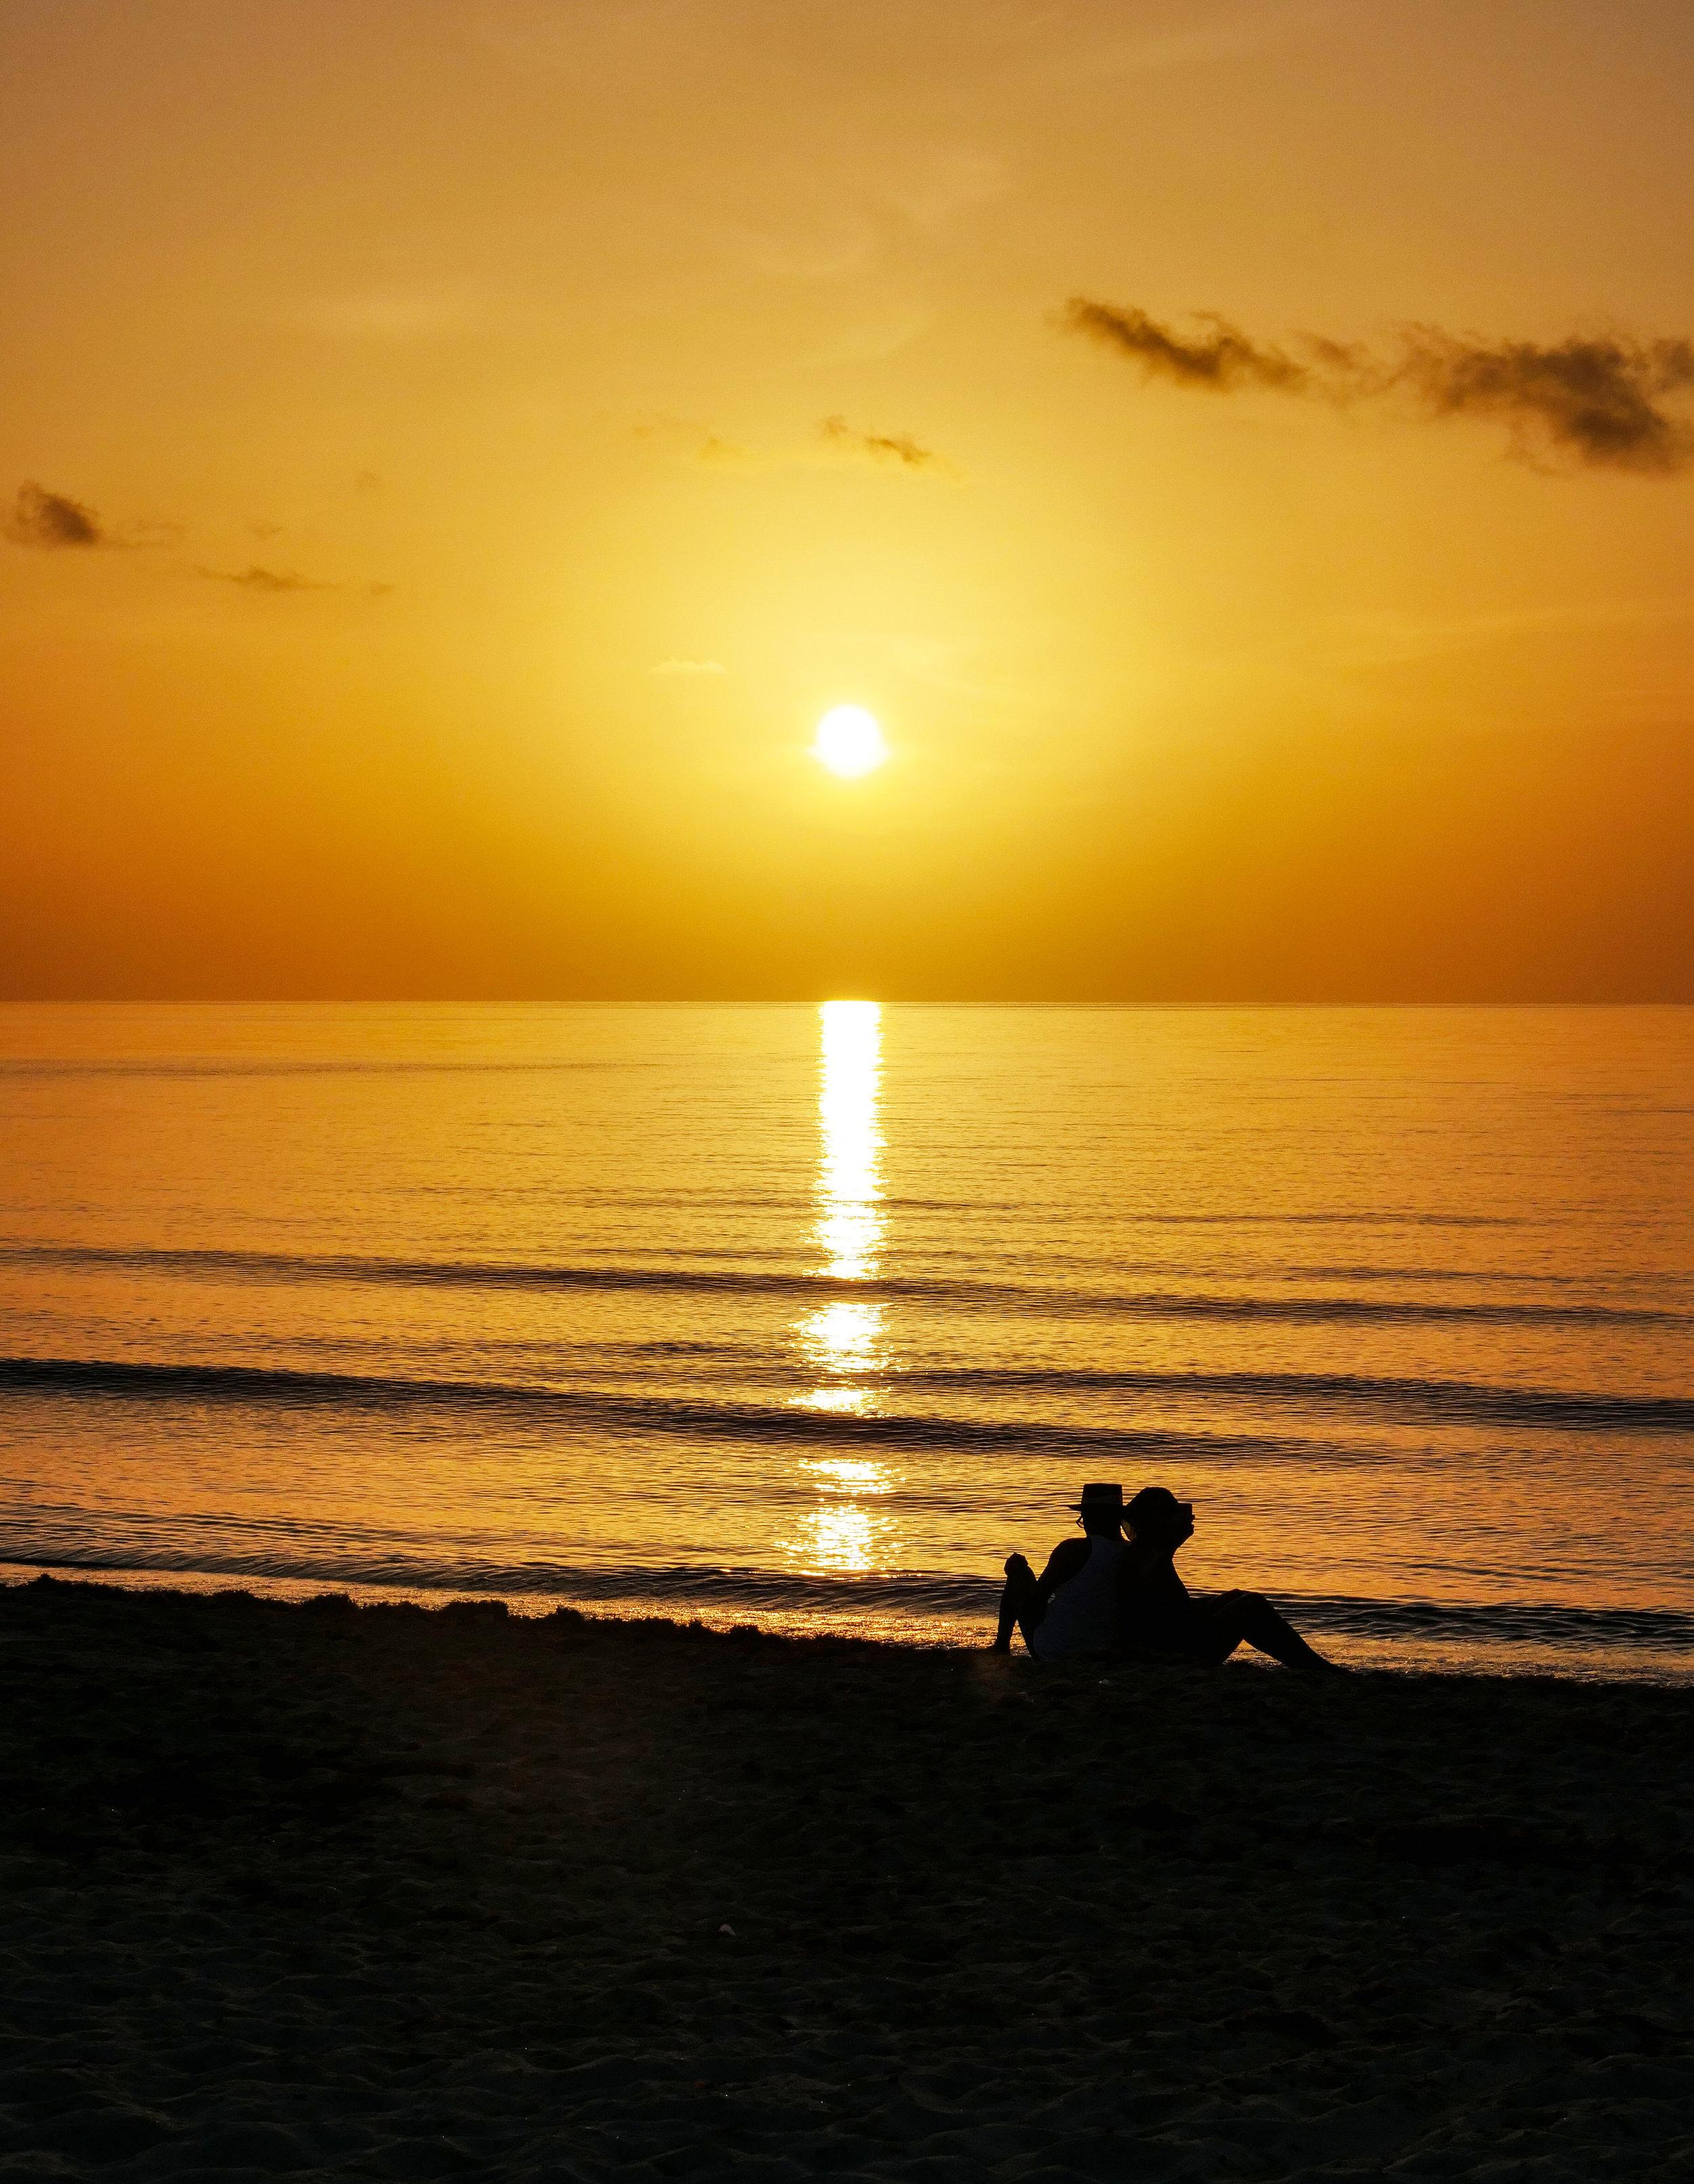 Sunrise over the ocean.jpg